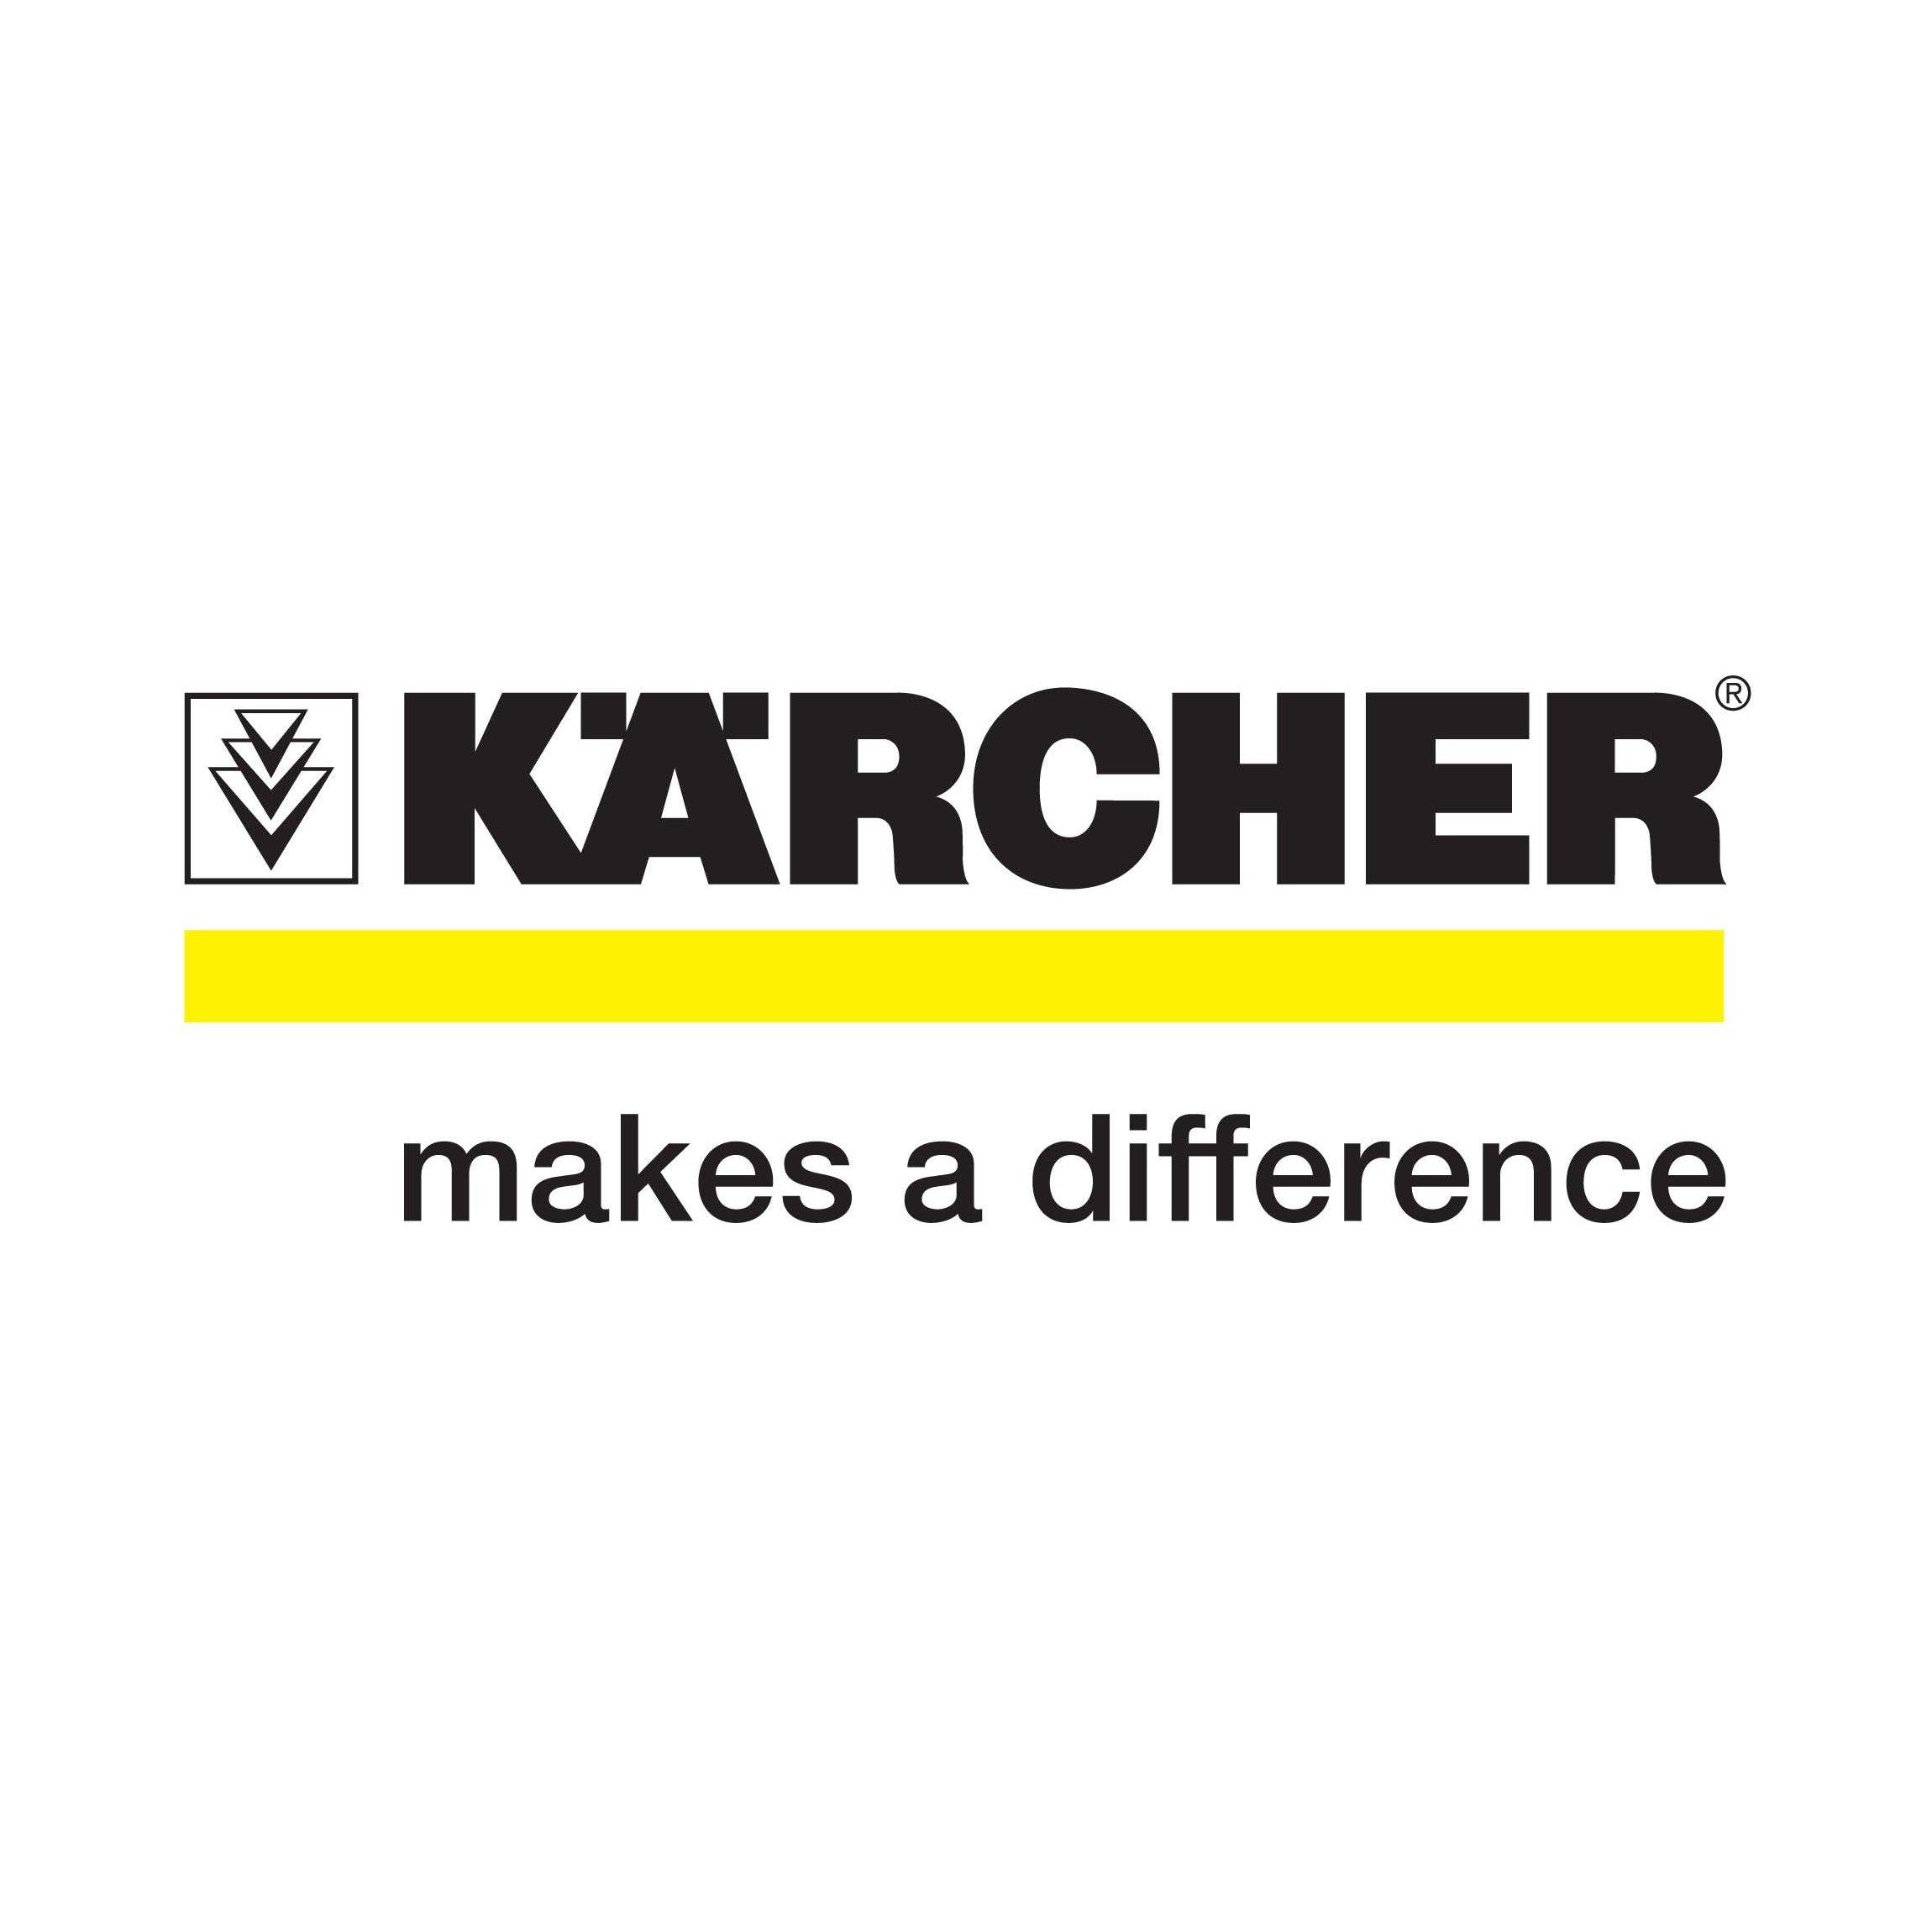 karcher-2